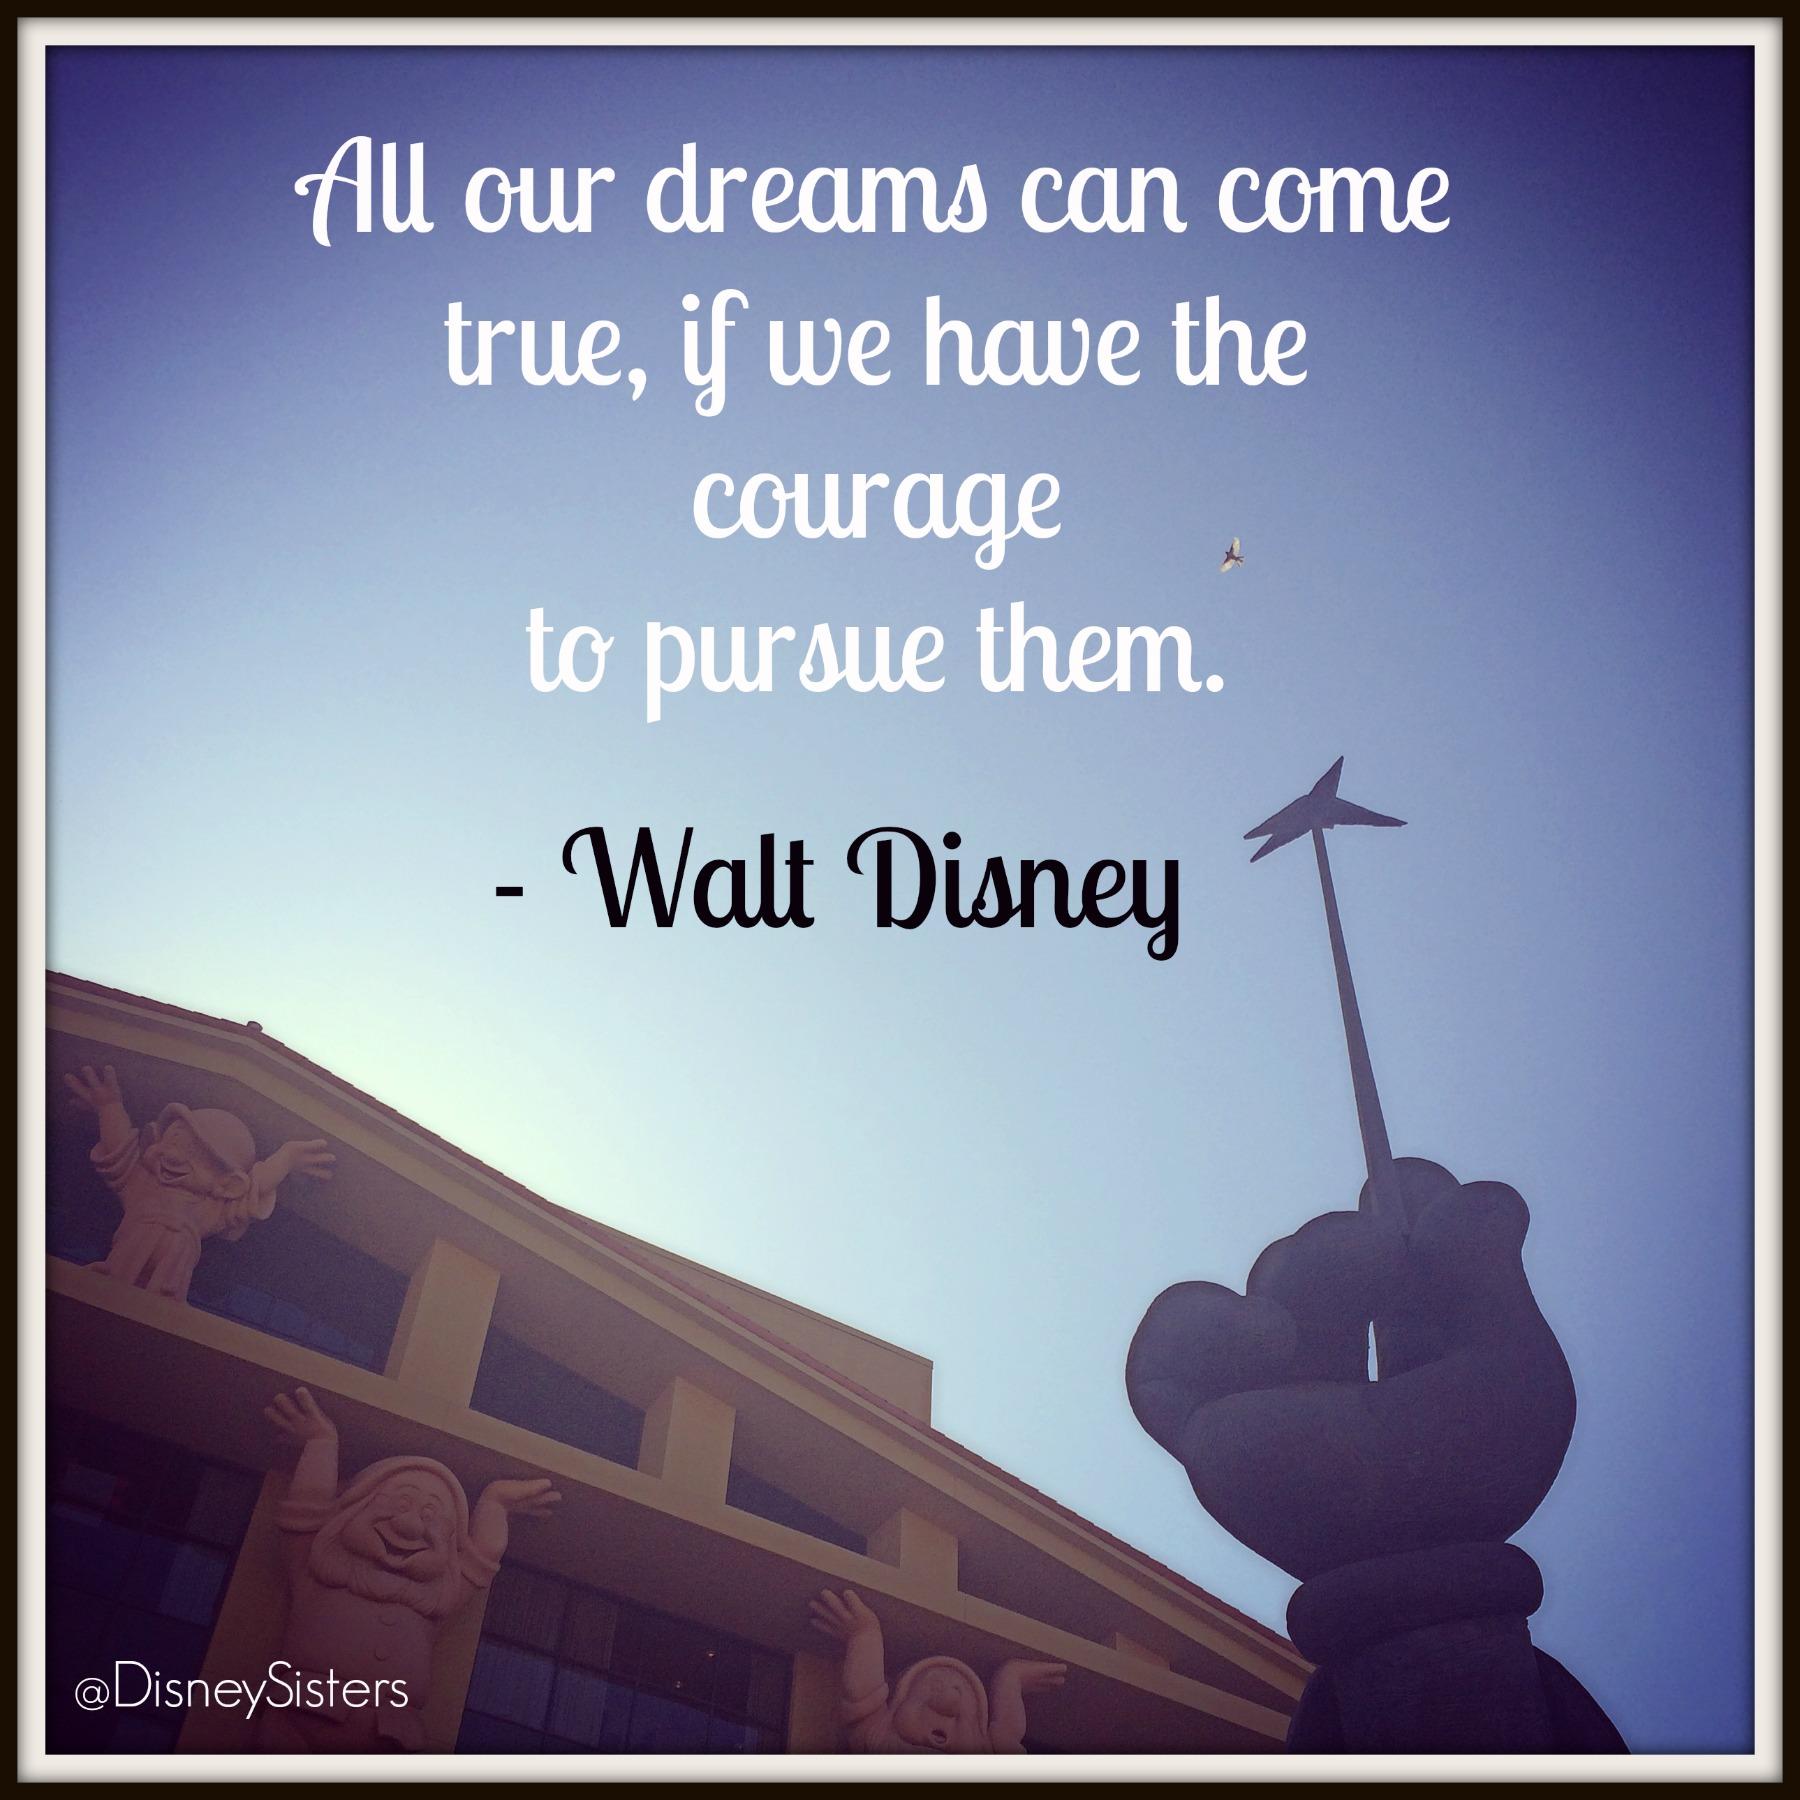 Best Senior Quotes Inspiring: Team Walt Disney Quotes. QuotesGram